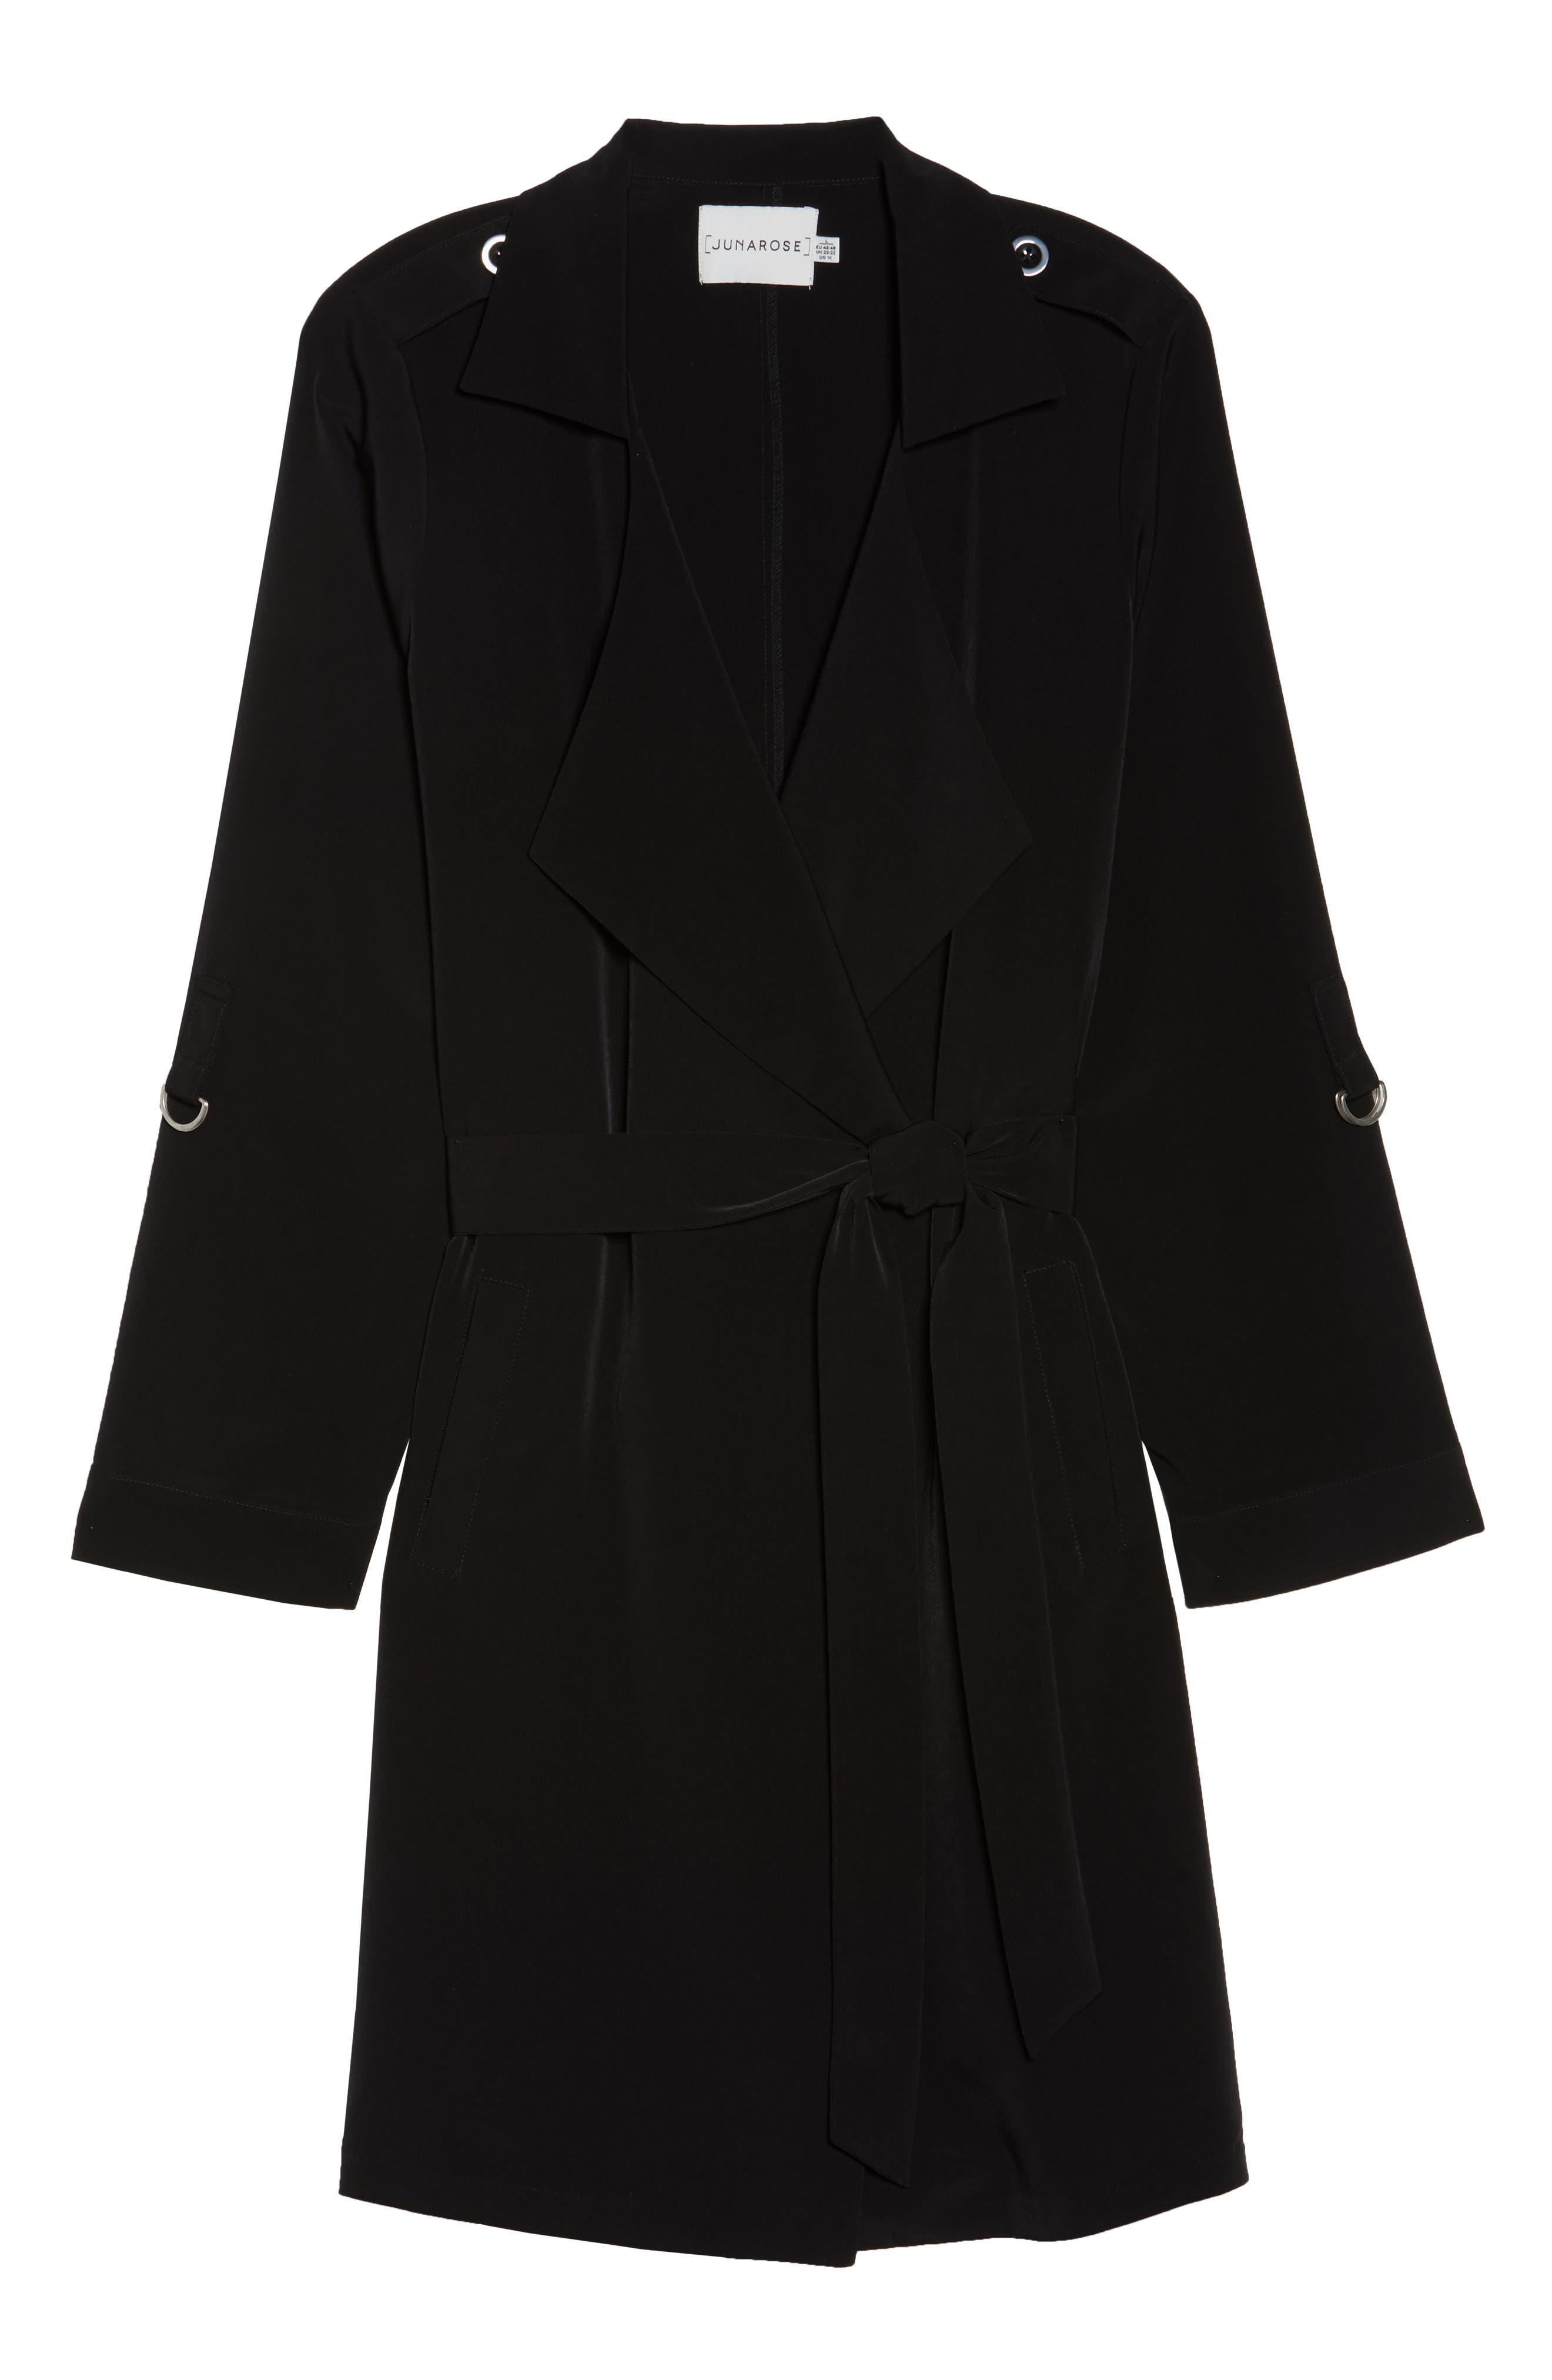 Kaiza Trench Coat,                             Alternate thumbnail 6, color,                             Black Beauty